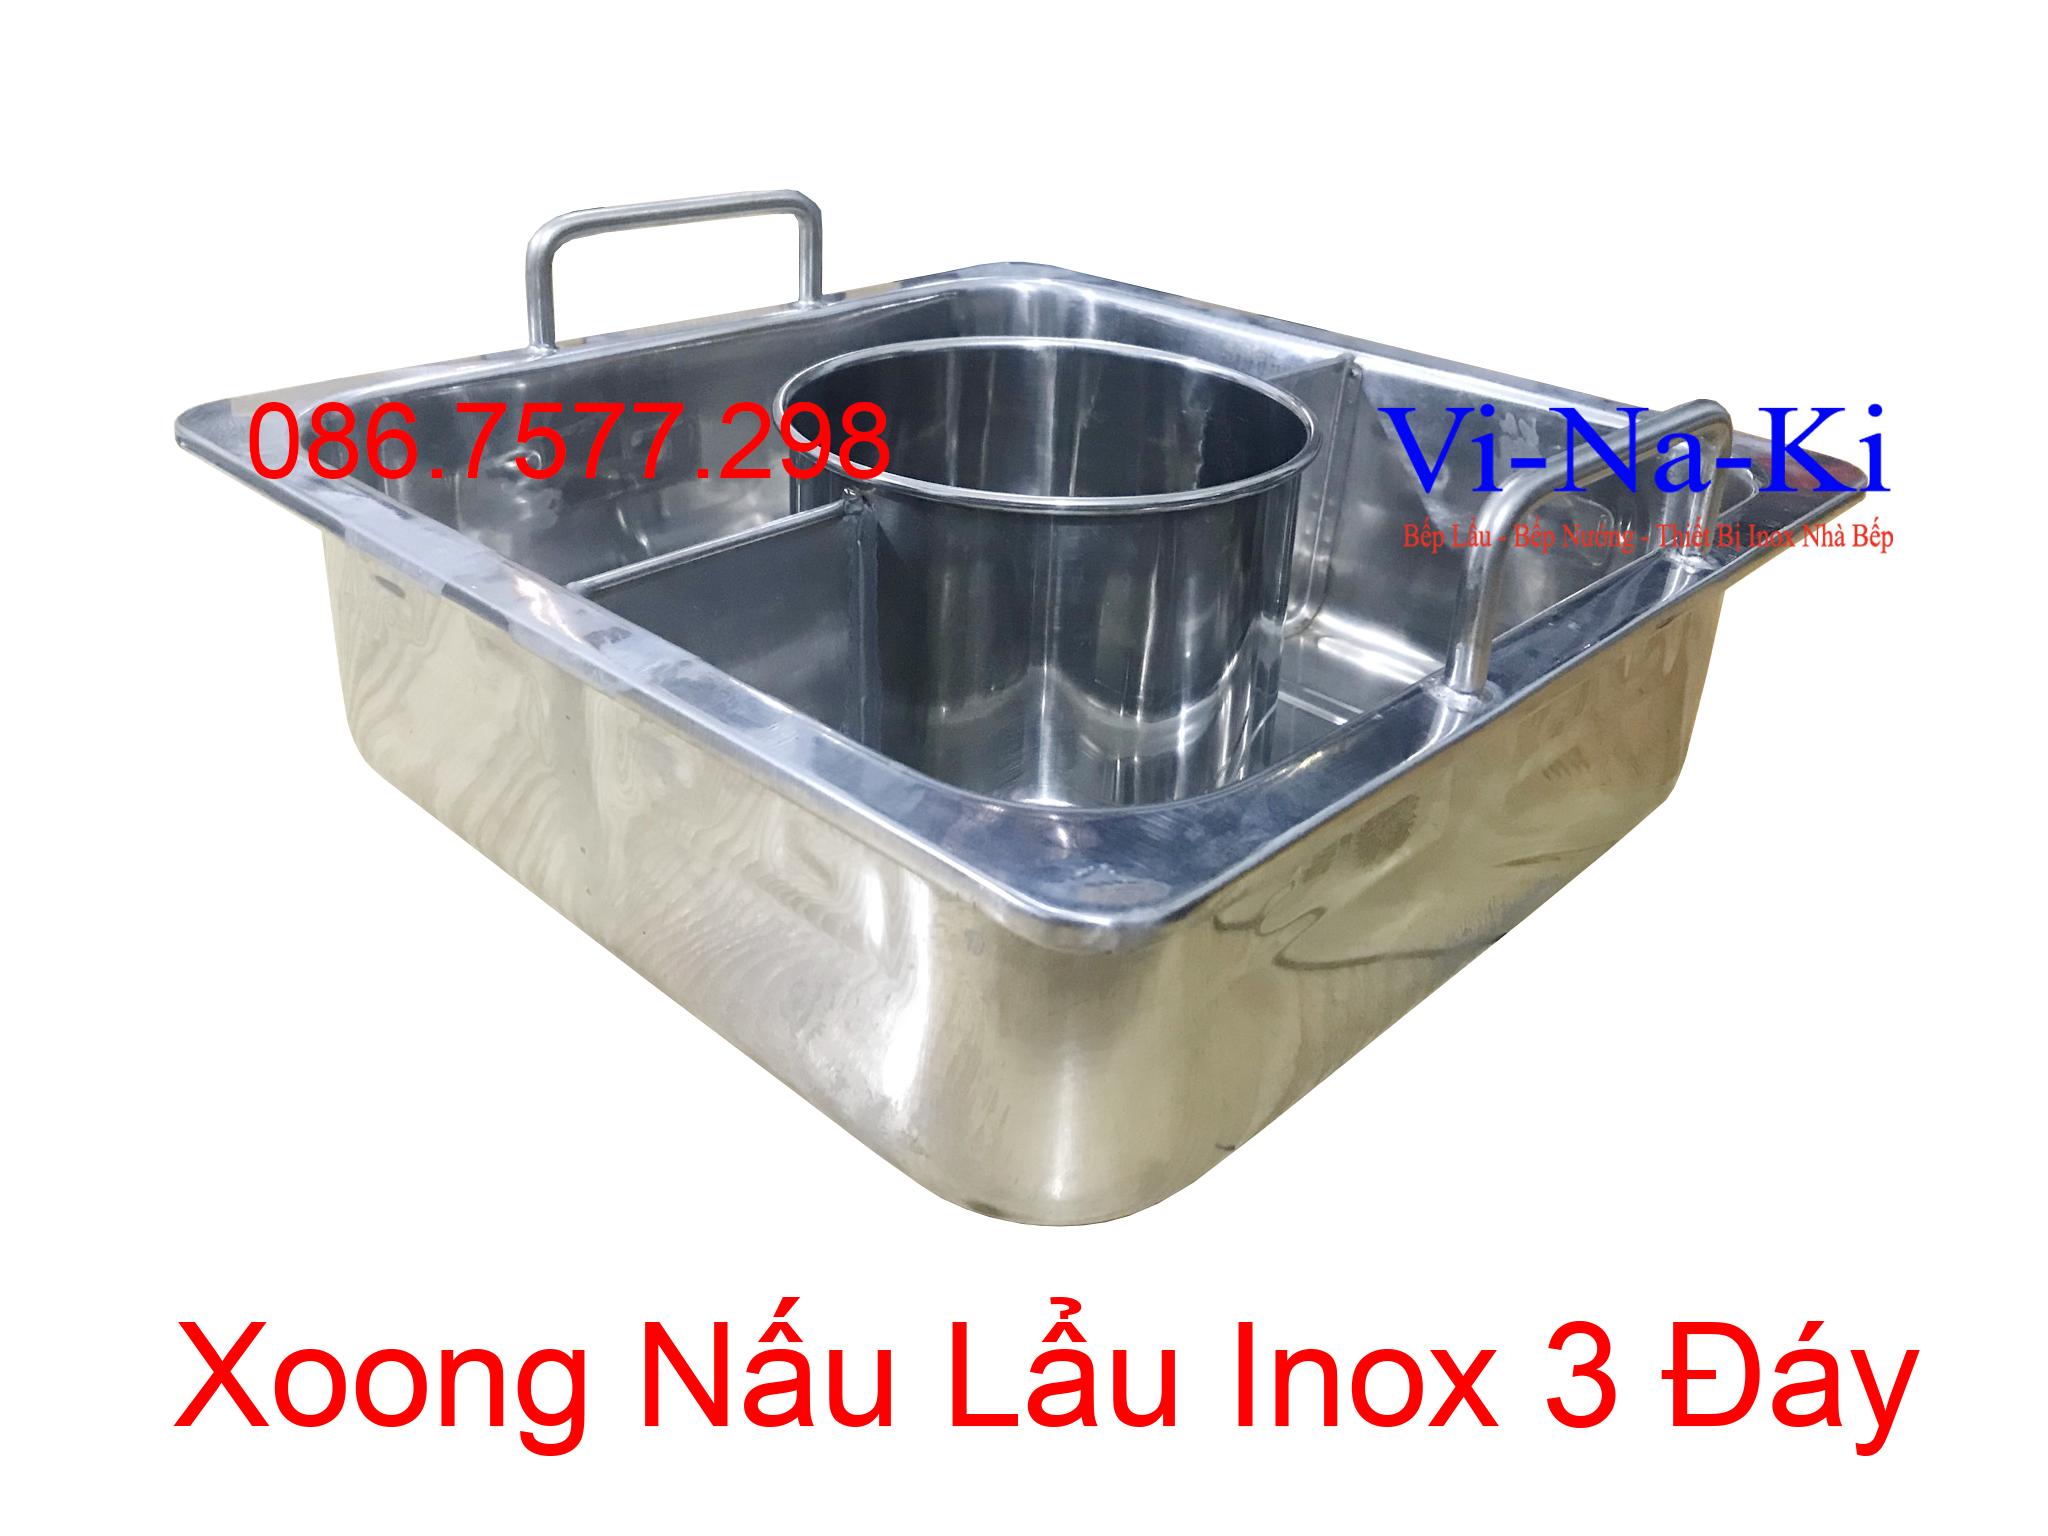 xoong nấu lẩu inox 3 đáy